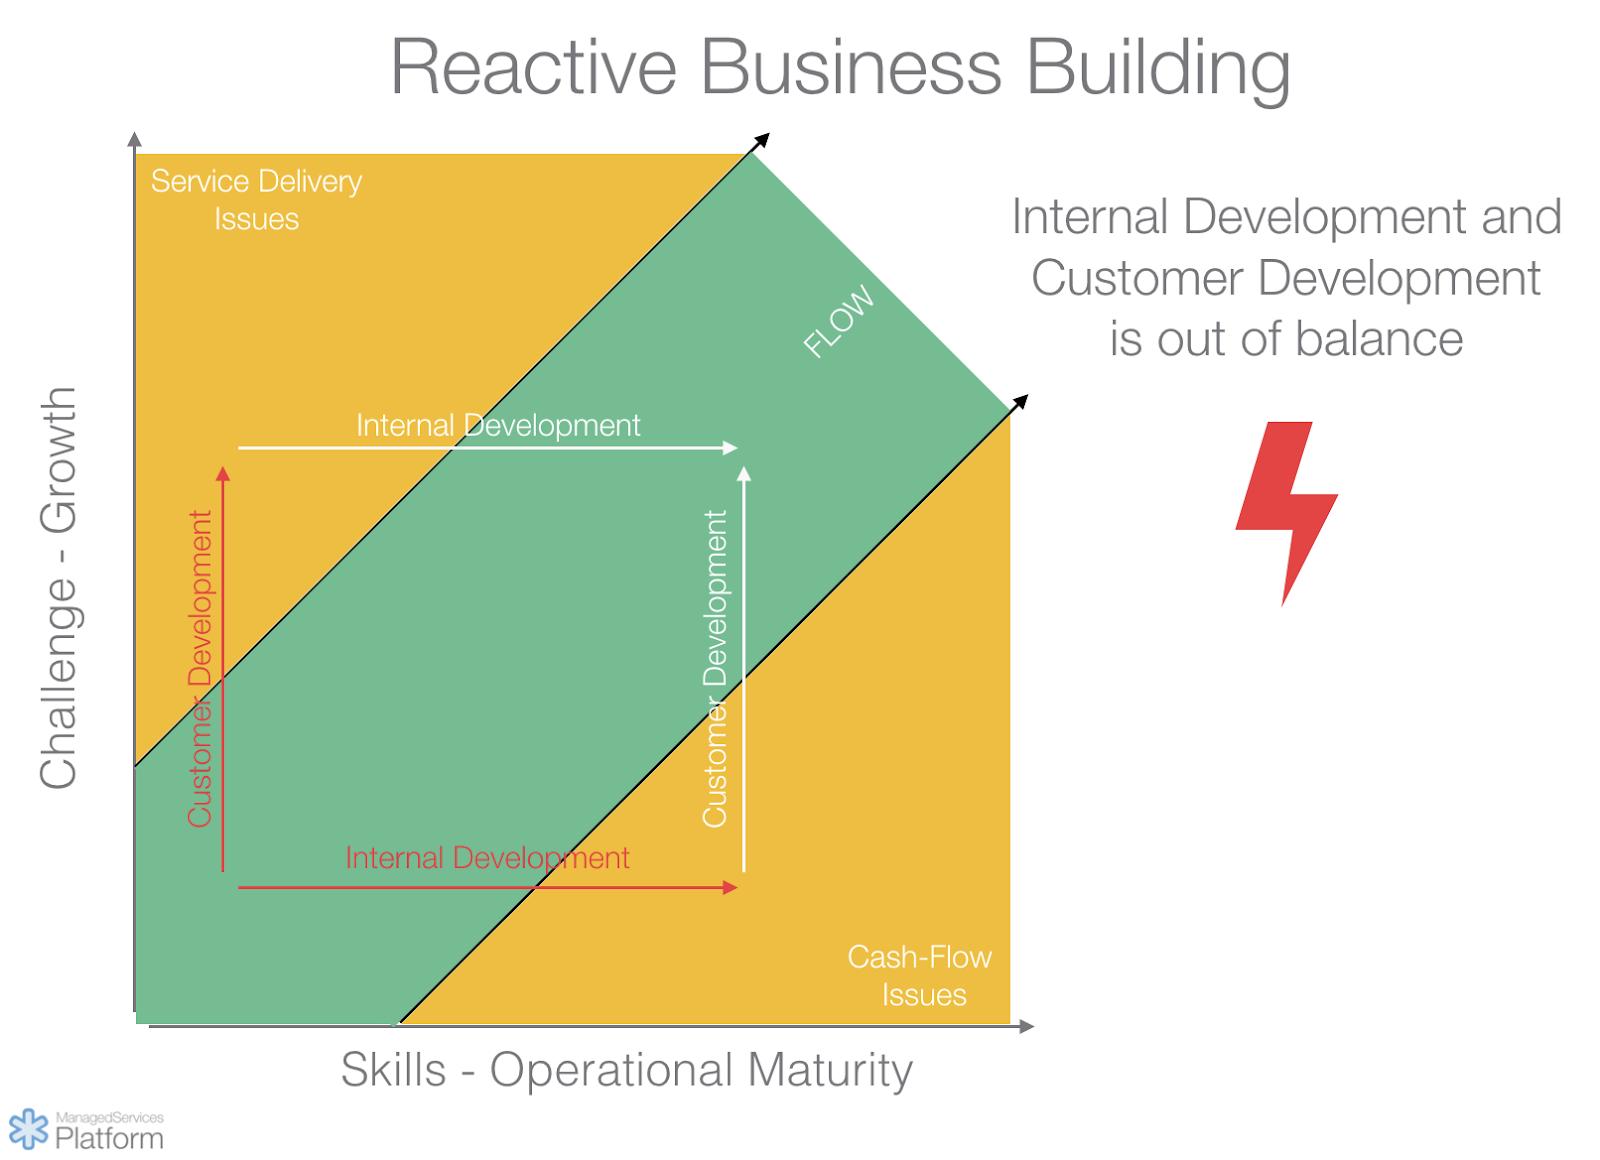 Reactive MSP business building